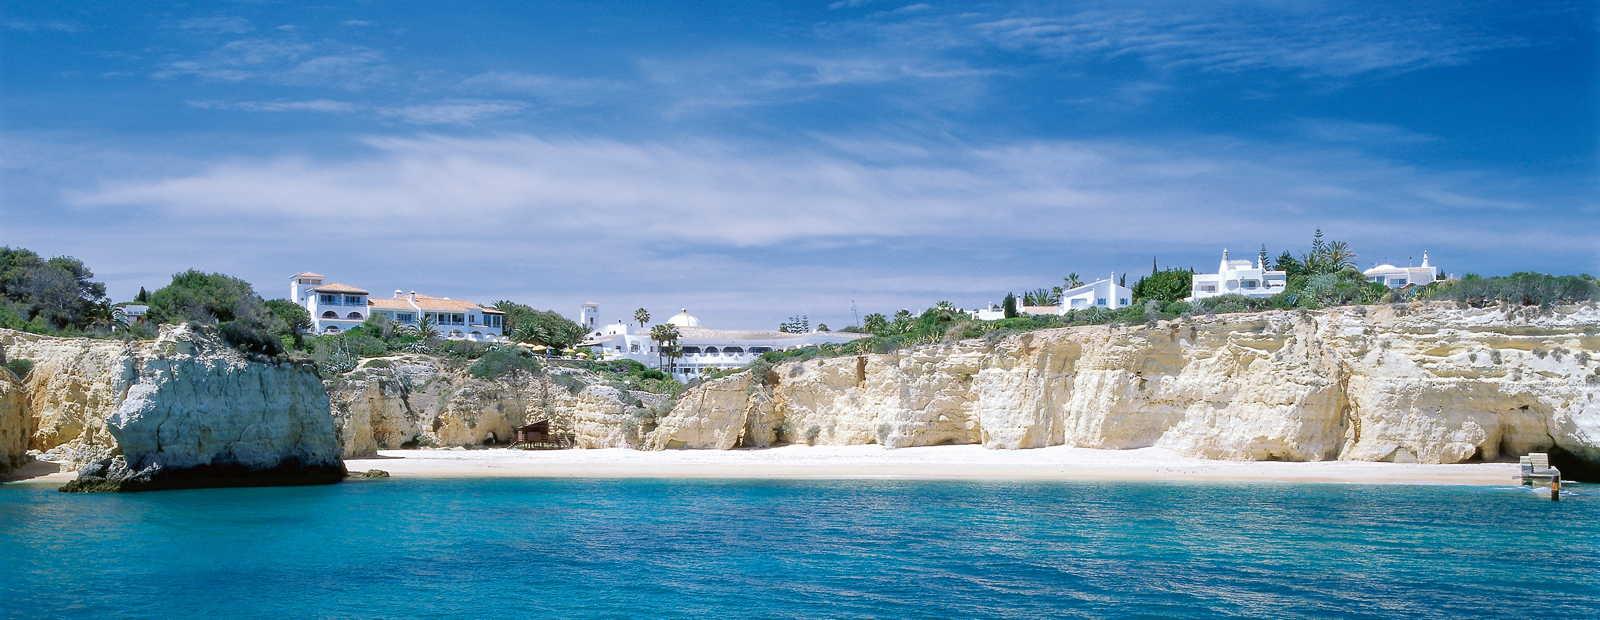 Exklusive Hotels Portugal Am Meer Buchen Domizile Reisen